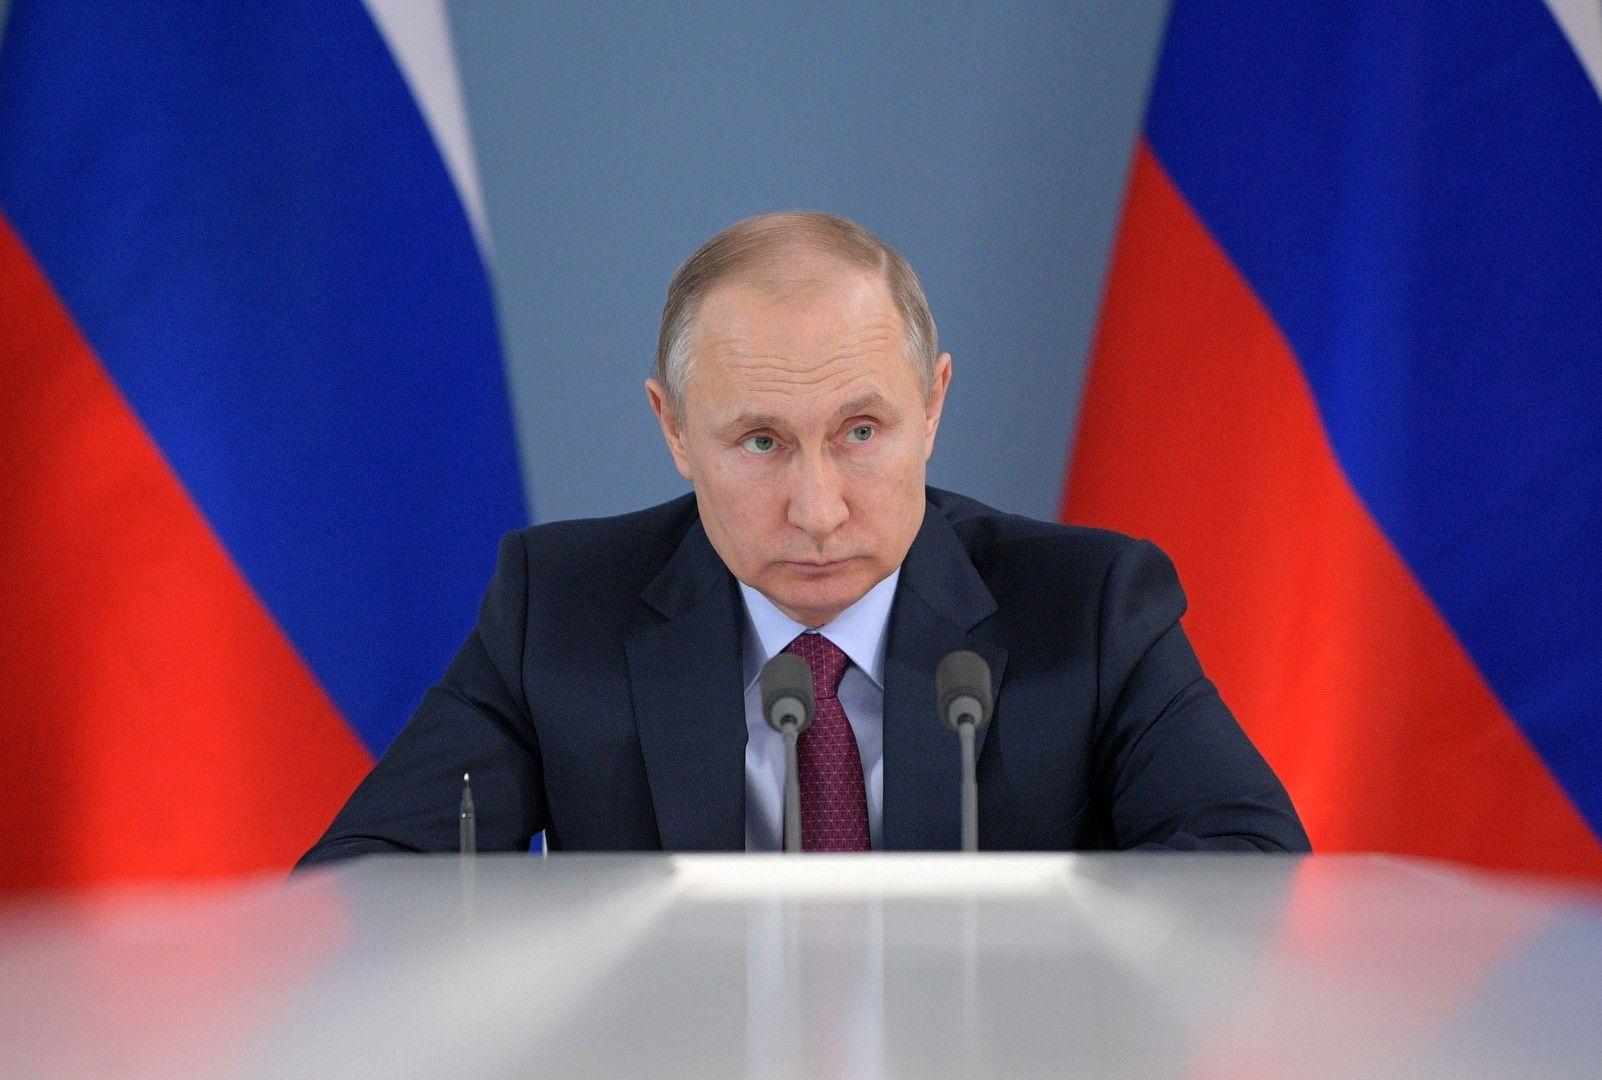 الرئيس الروسي فلاديمير بوتين : الأنباء عن استخدام الجيش السوري للسلاح الكيميائي مزيفة